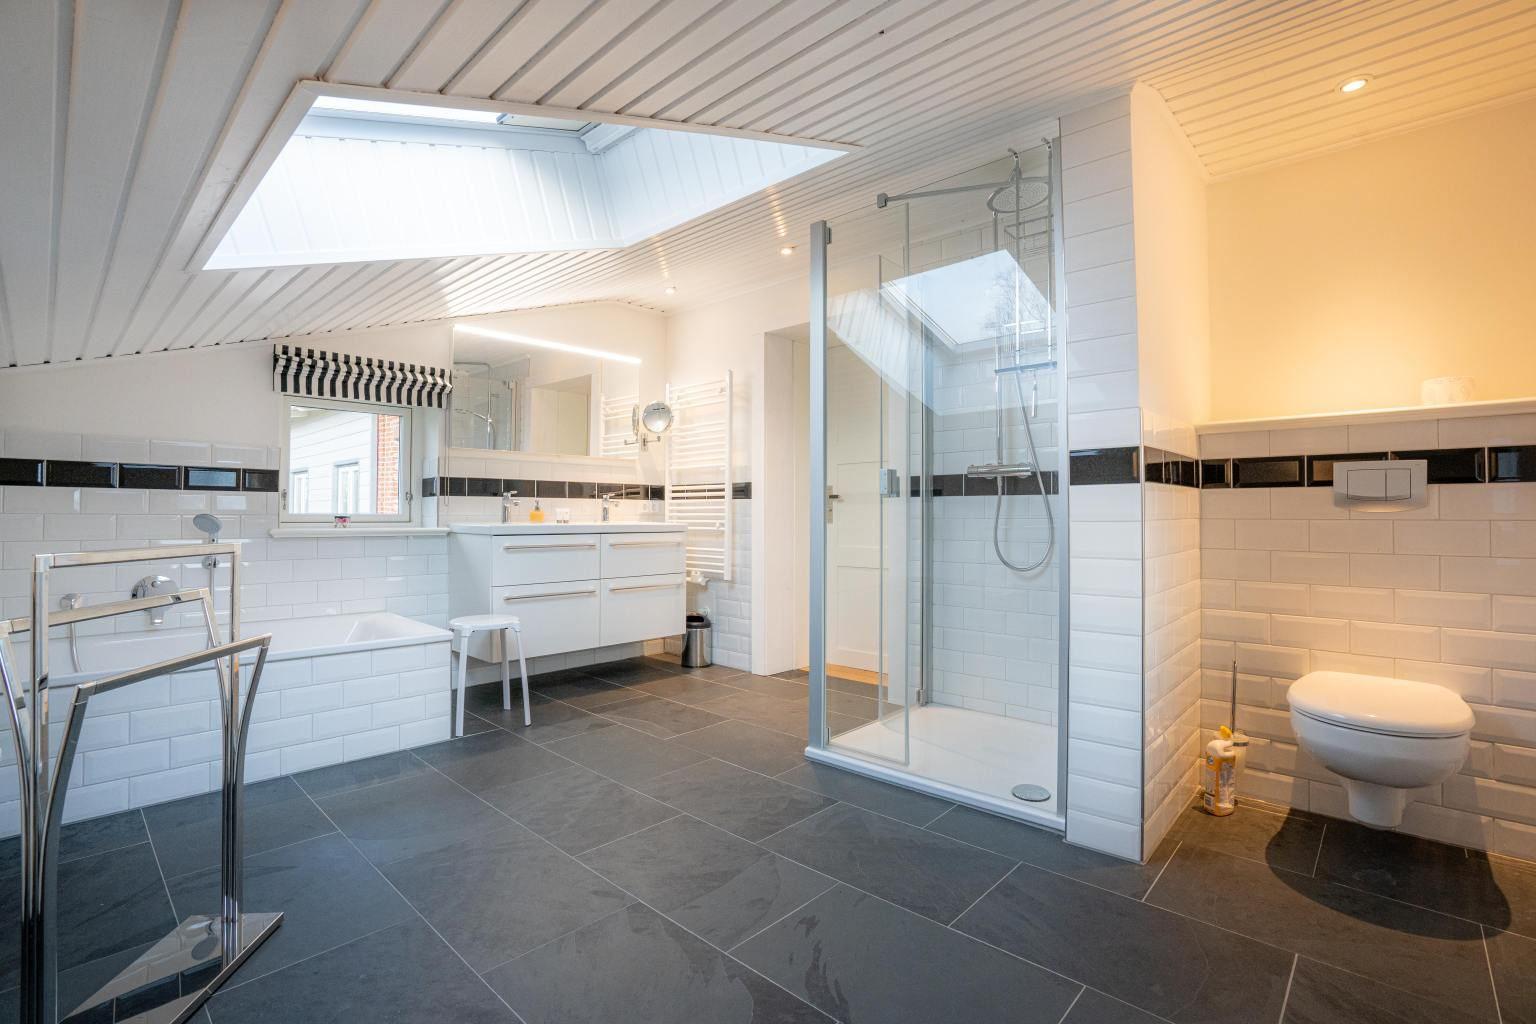 2. Badezimmer (ab 3 Personen)